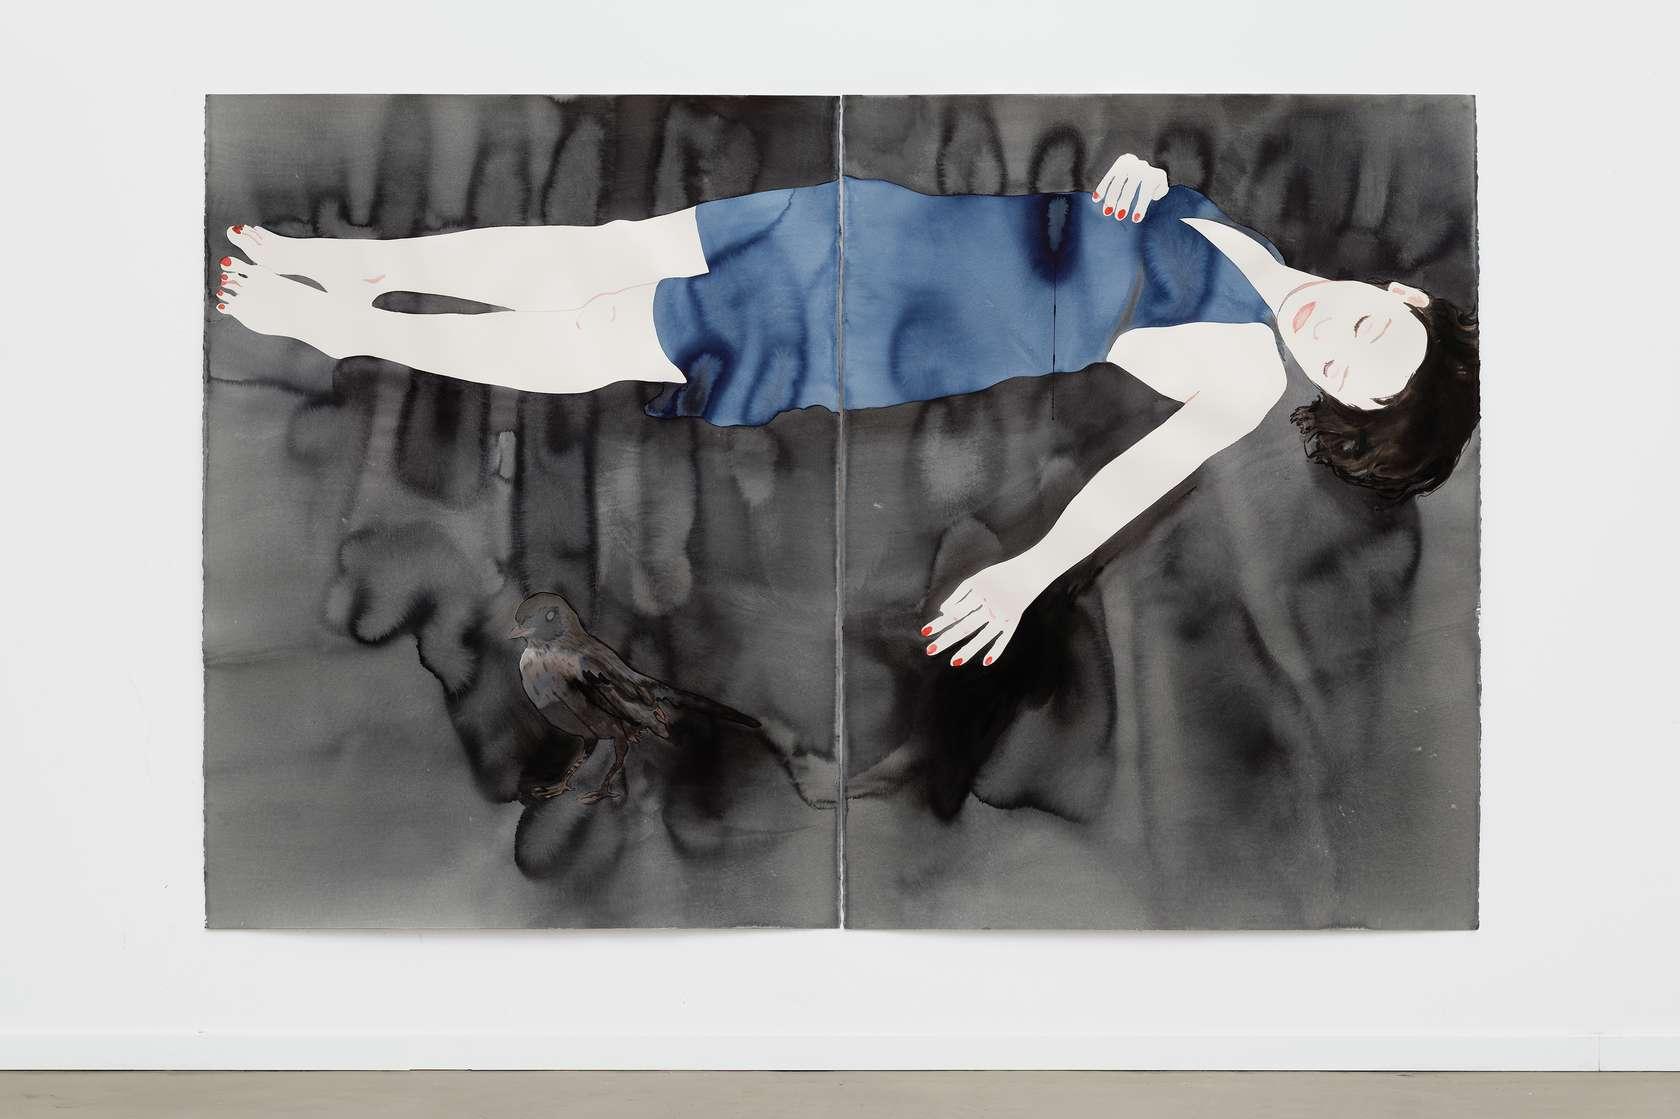 Françoise Pétrovitch, Étendu, 2017 Lavis d'encre sur papier160 × 240 cm / 63  × 94 1/2 in. | 176.4 × 258.2 × 5 cm / 69 1/2 × 101 5/8 × 2  in. (encadré/framed)